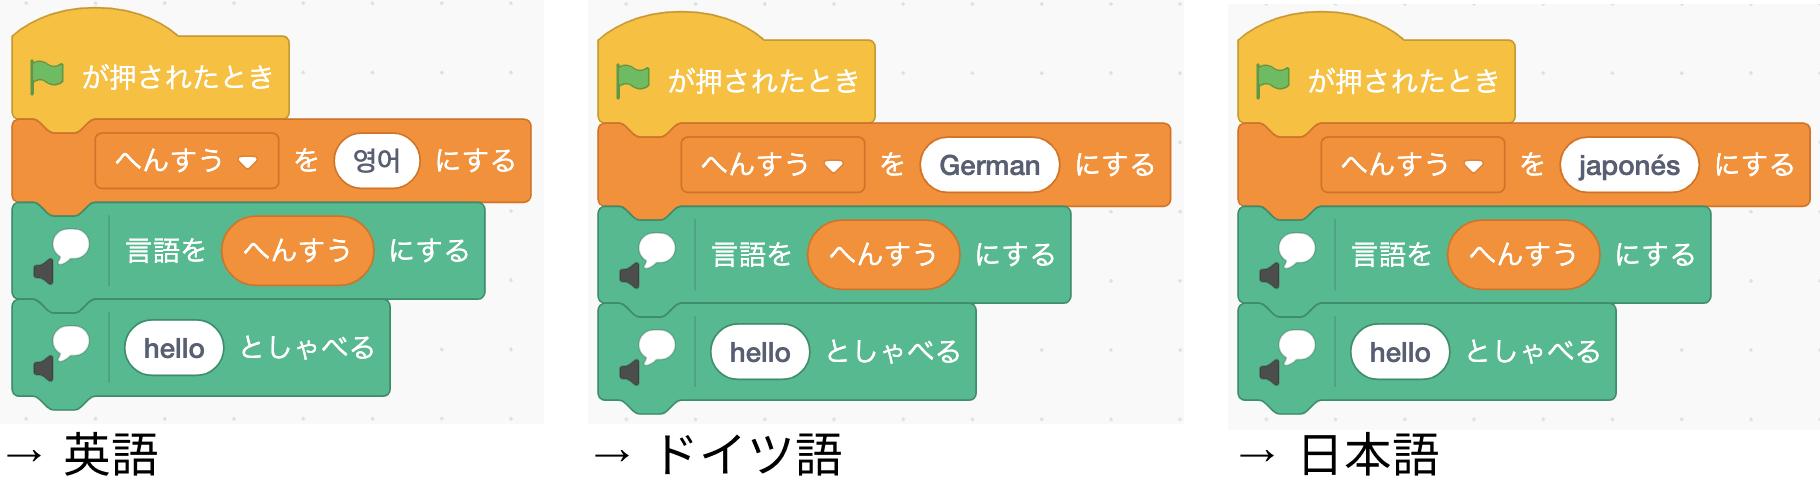 言語をいろんな言語で指定する